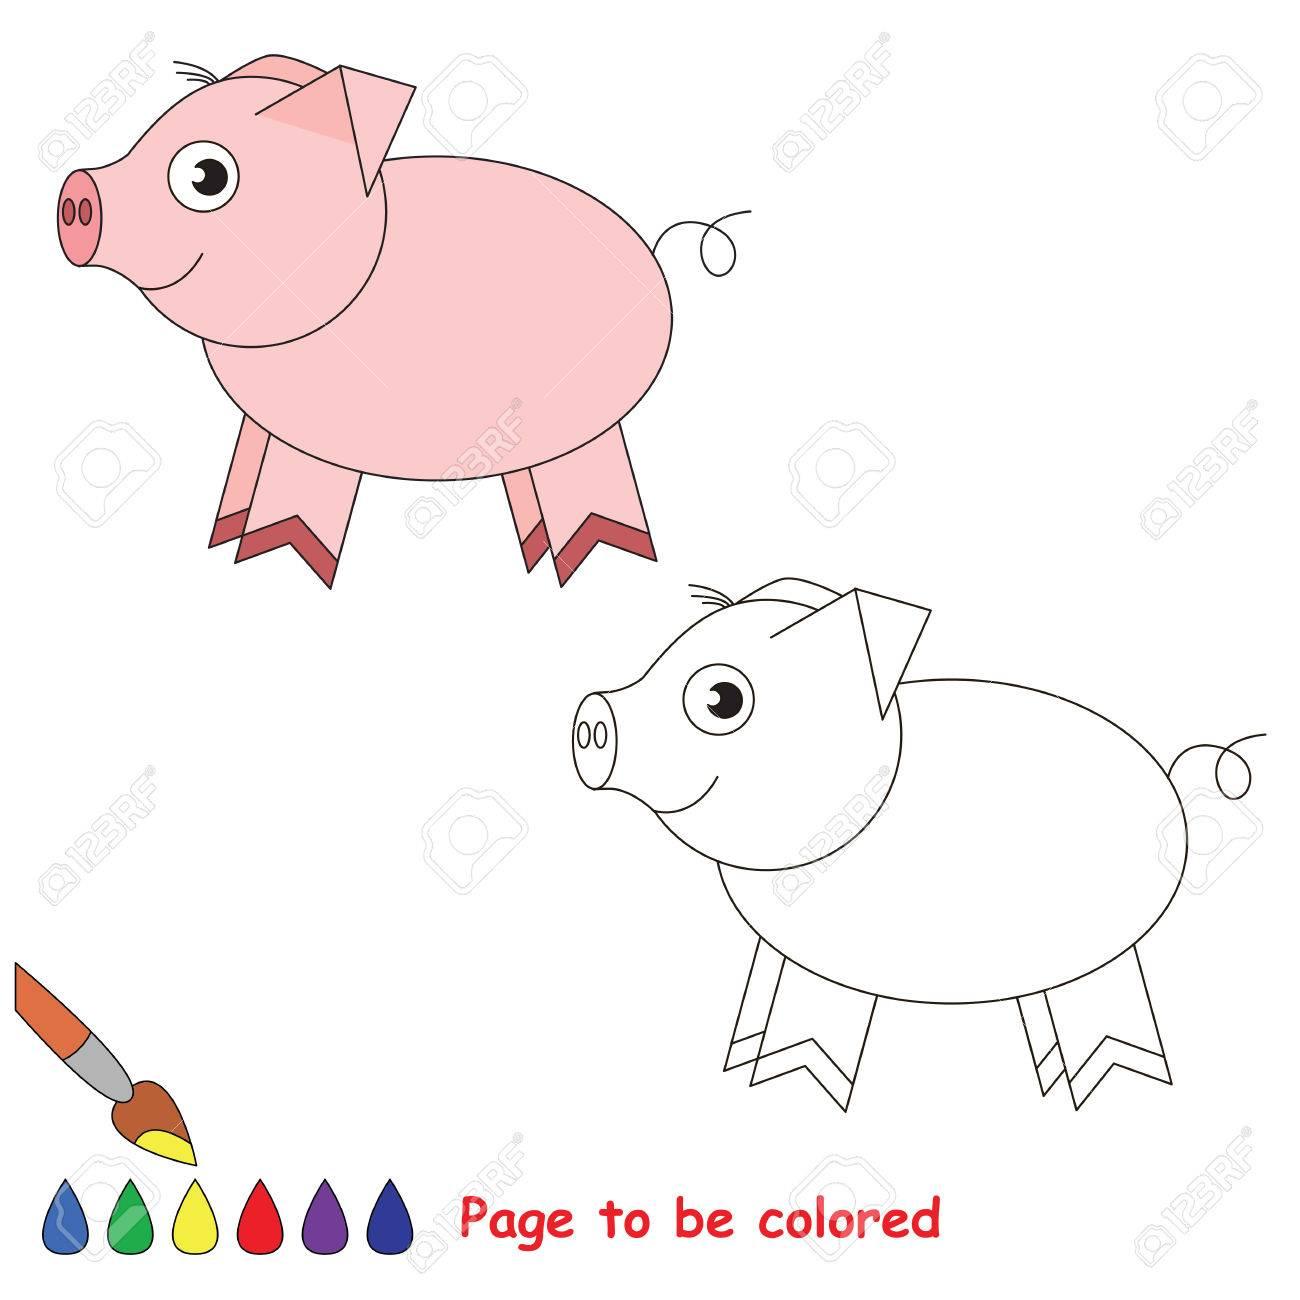 ピンクの貯金箱の色にします塗り絵簡単子供教育ゲームと難易度の簡単な